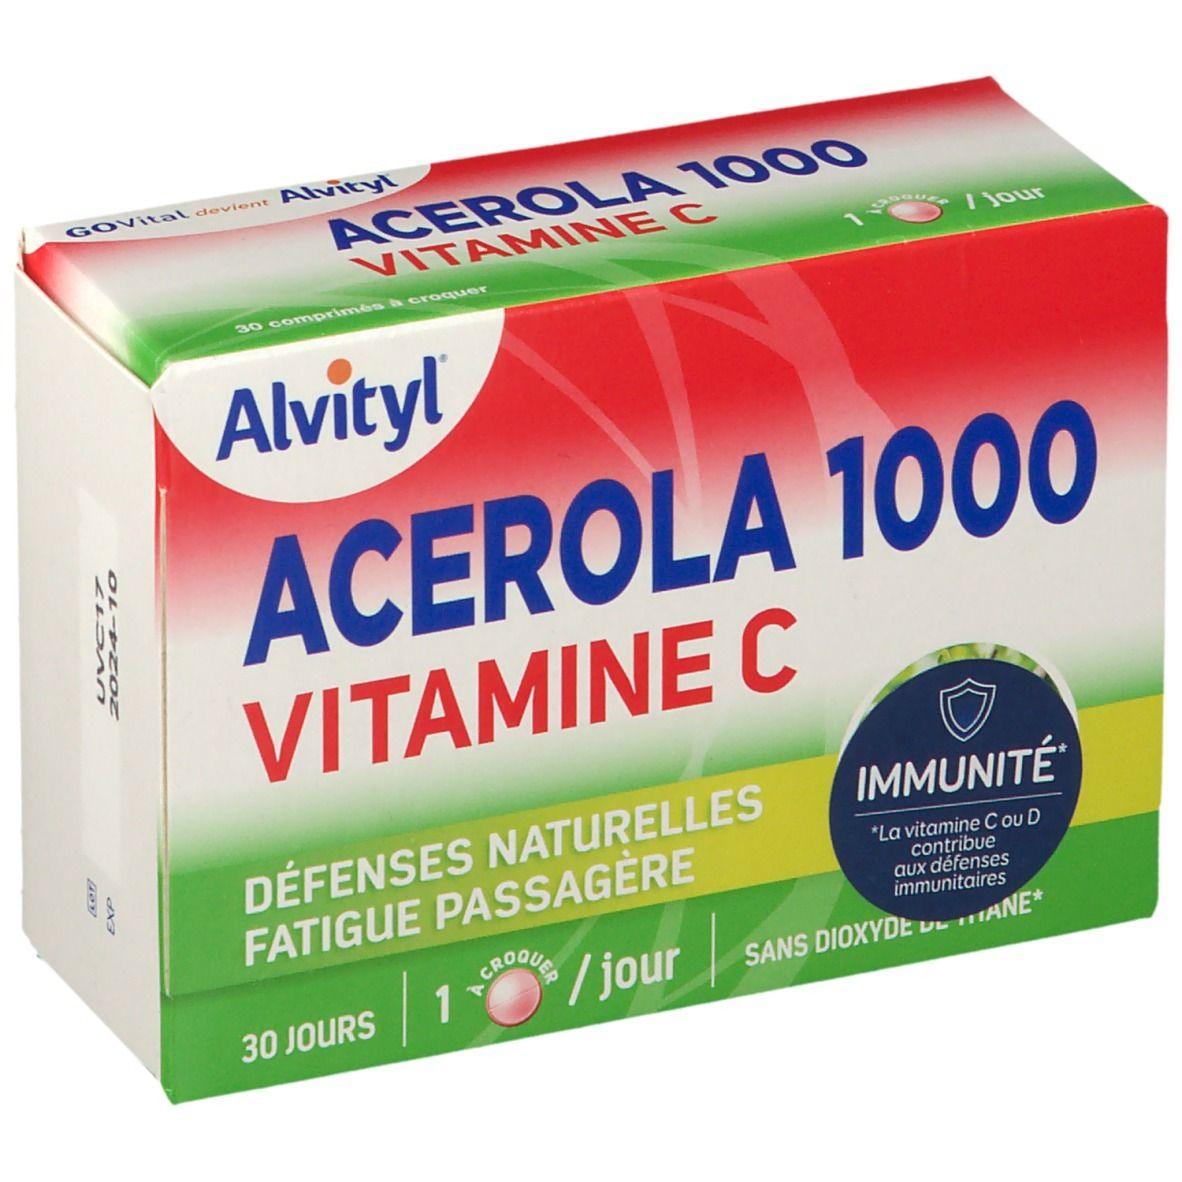 GOVital Acérola 1000 vitamine C pc(s) comprimé(s) à croquer